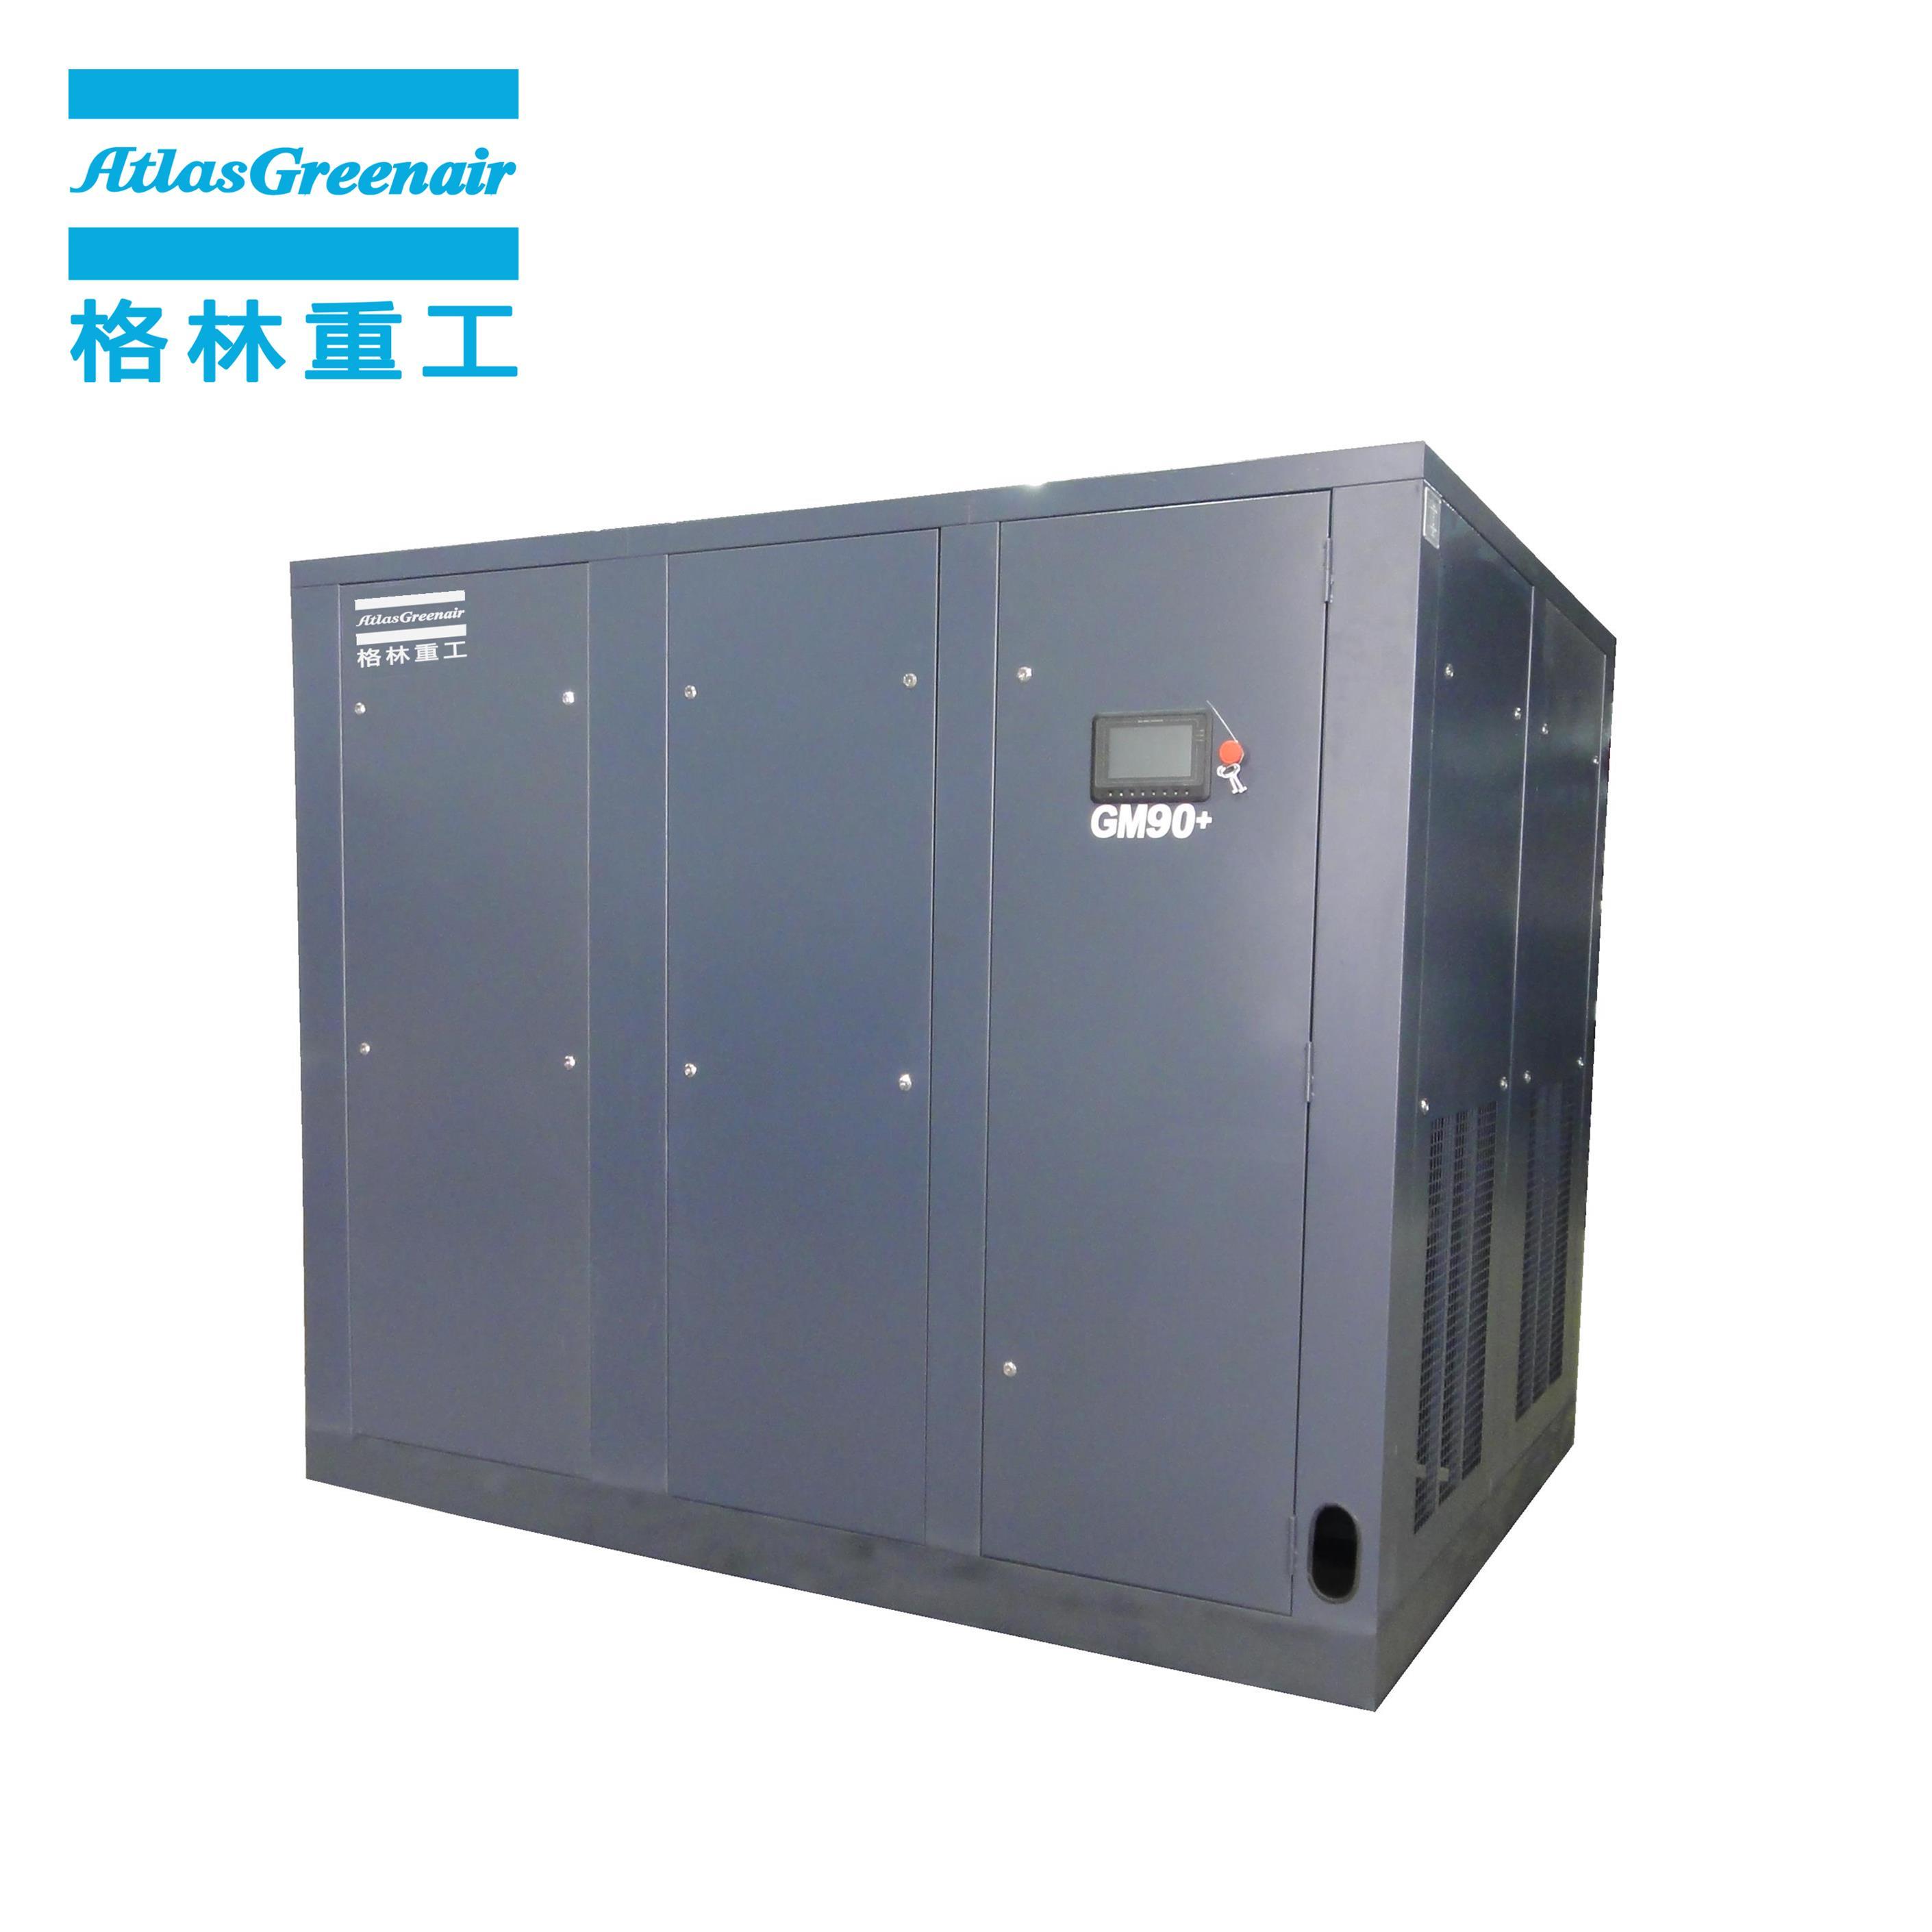 Atlas Greenair Screw Air Compressor high quality vsd compressor atlas copco company for tropical area-1